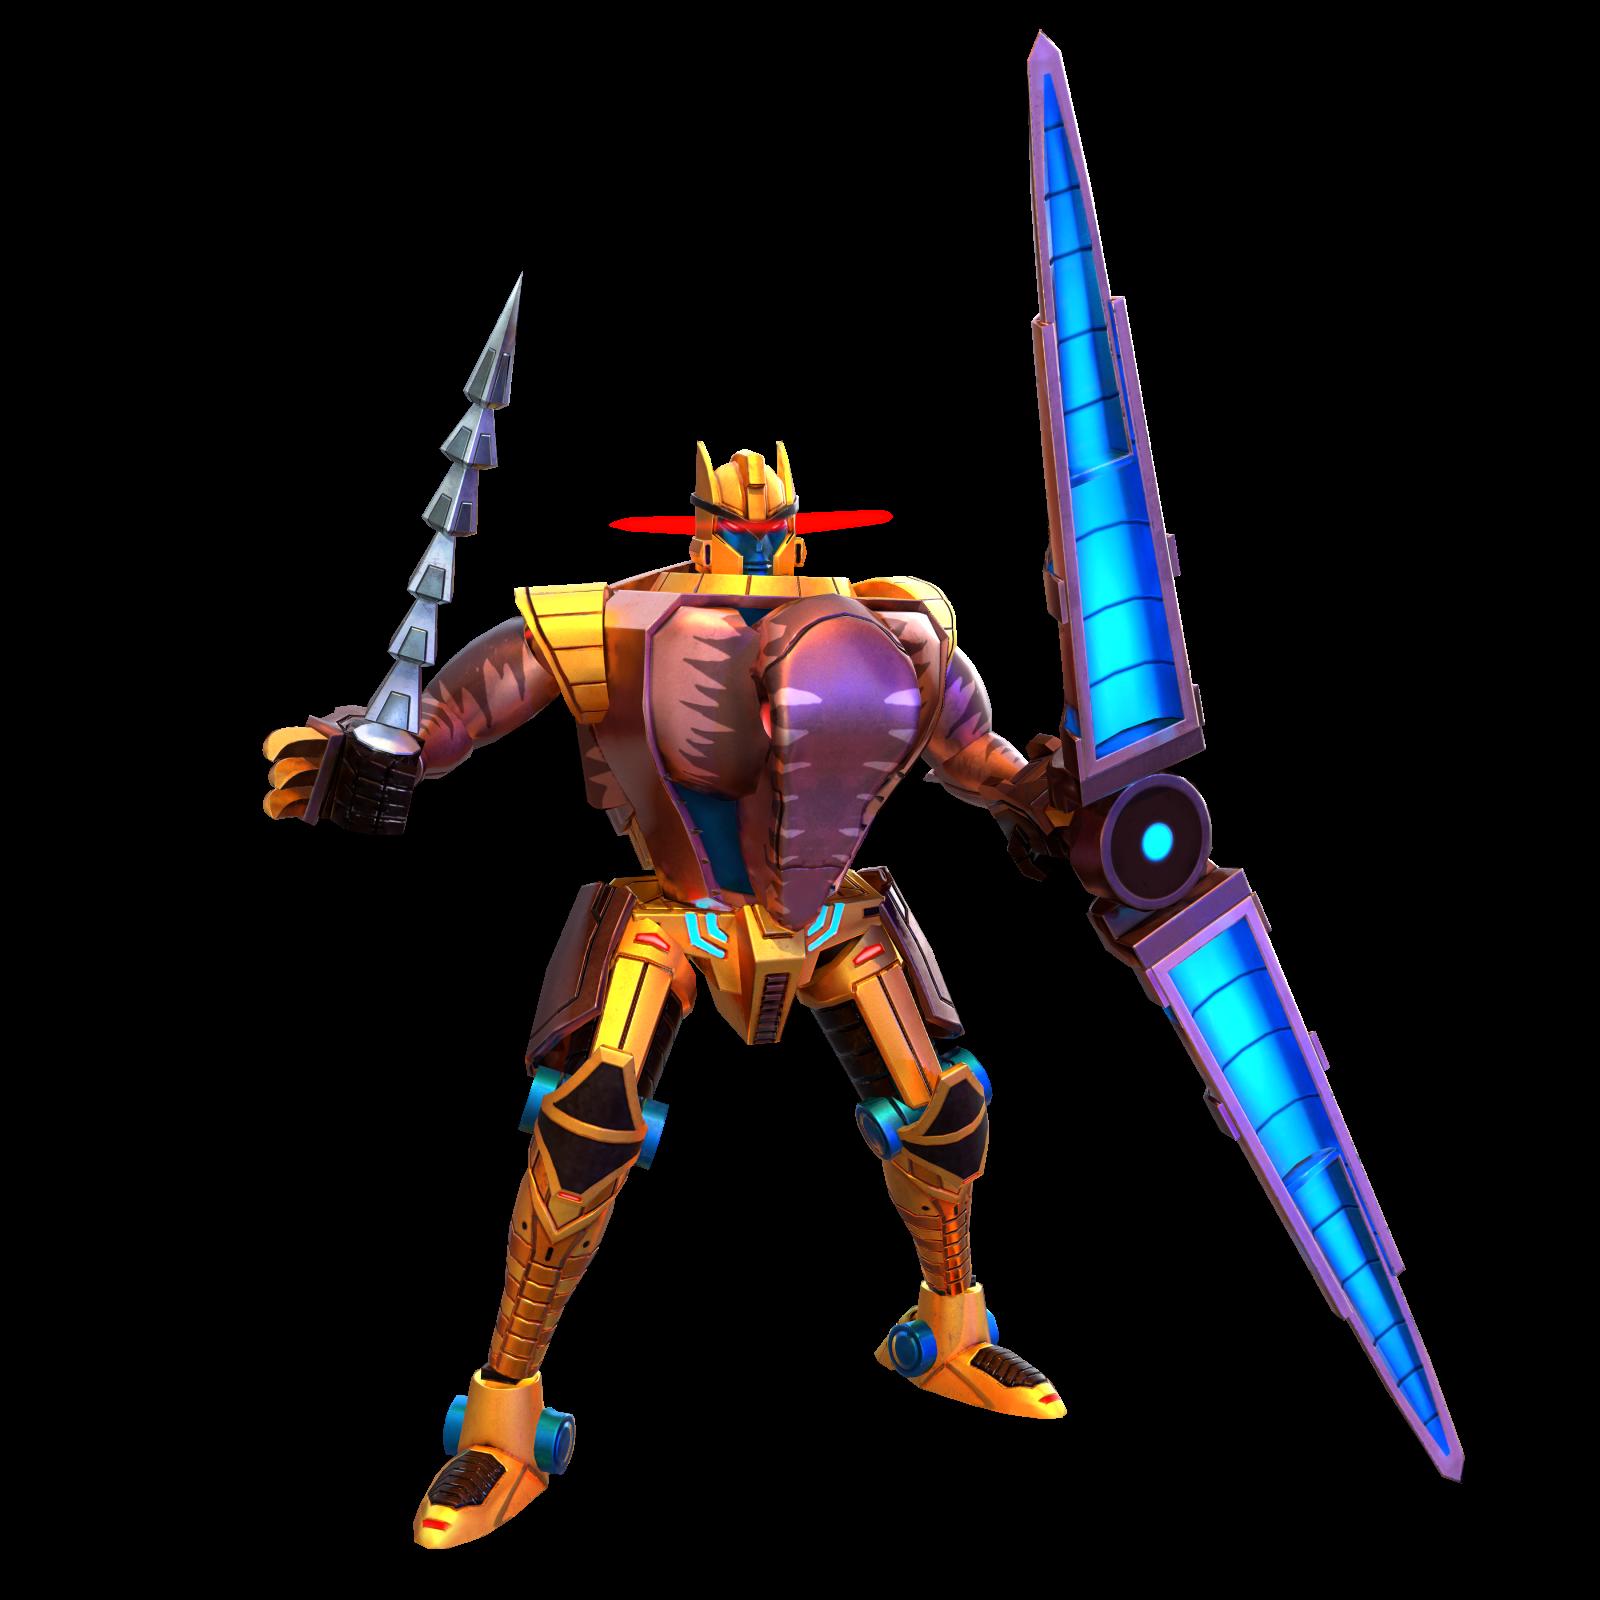 恐龙勇士机器人模式图片